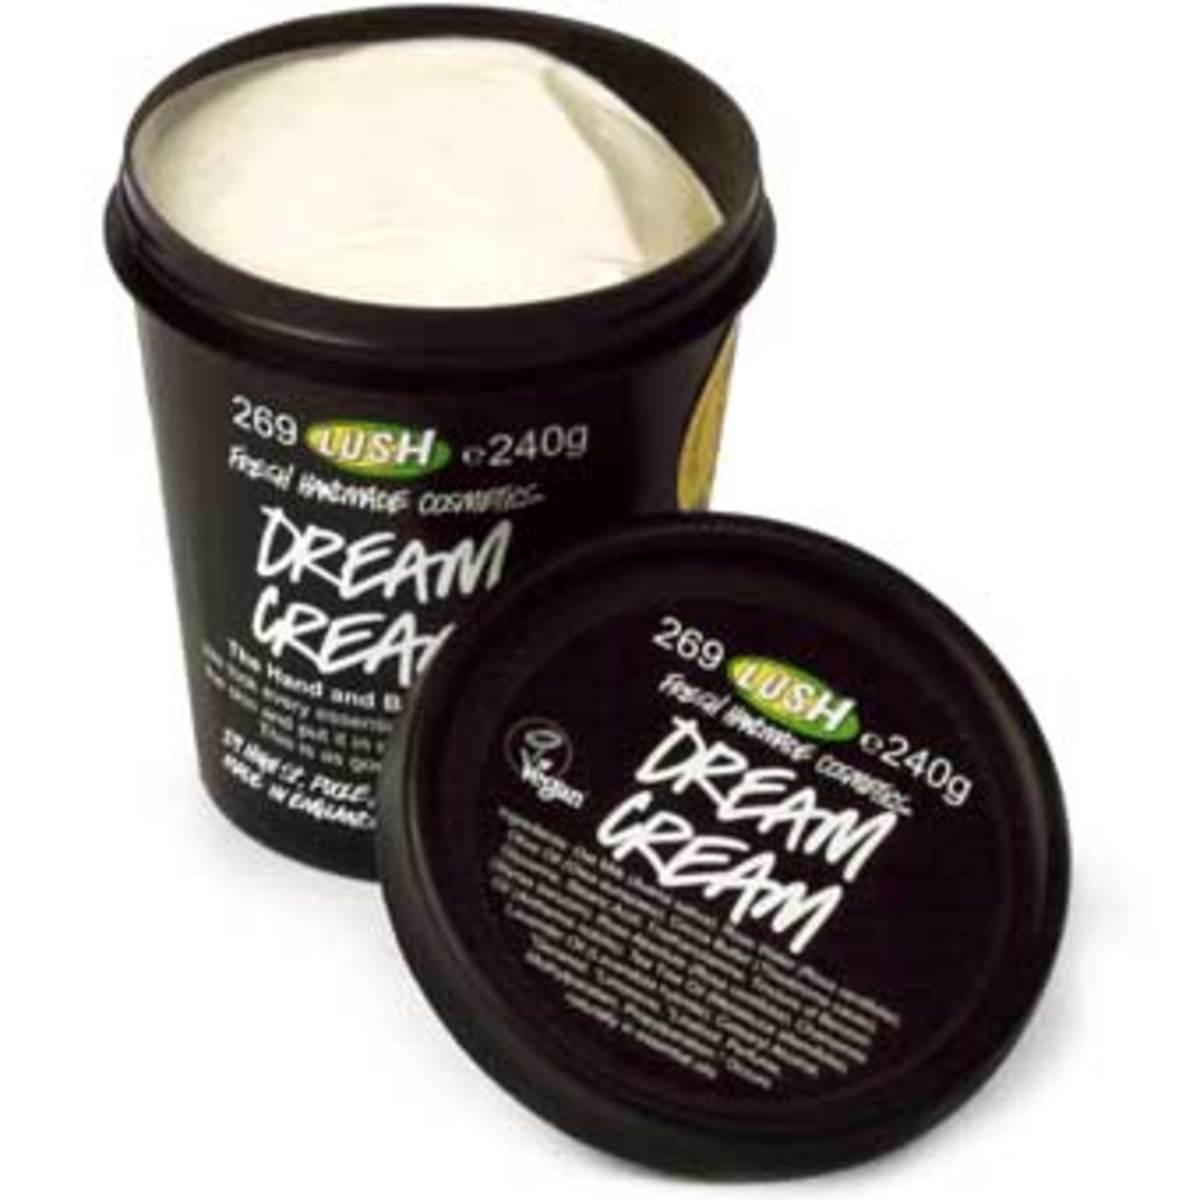 Lush-dream-cream